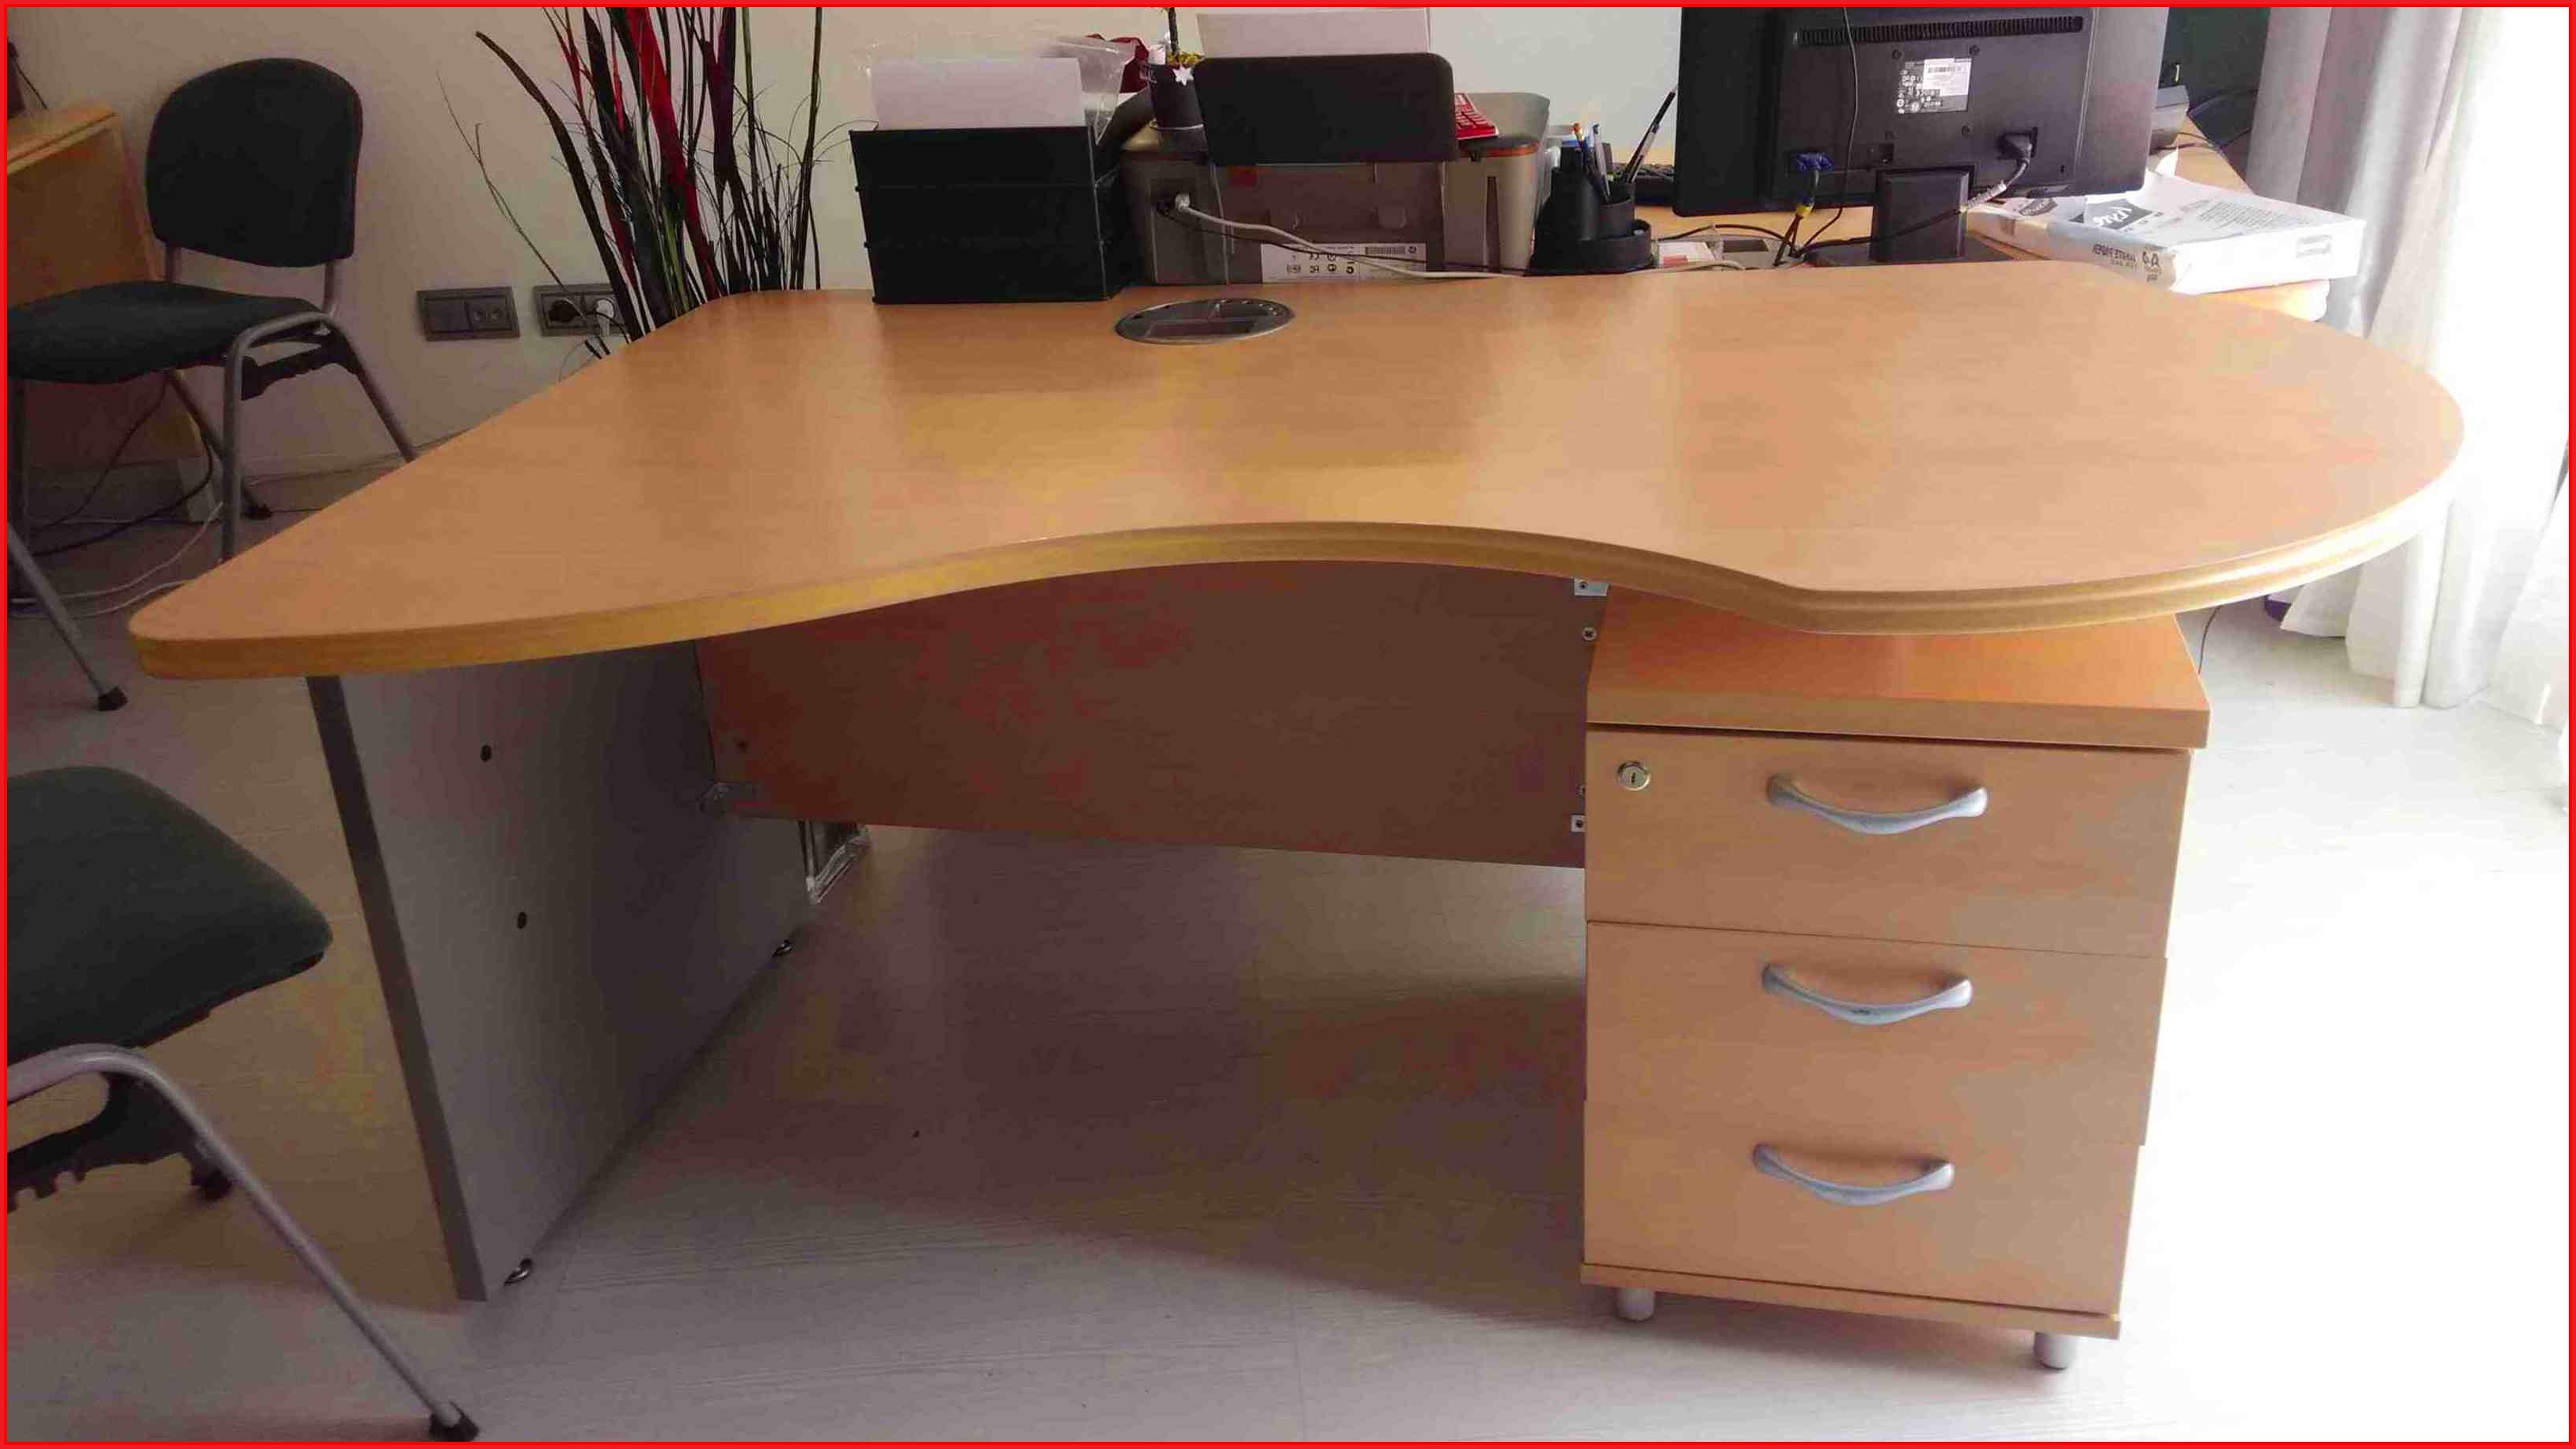 Muebles Oficina Segunda Mano Madrid Tldn Muebles Oficina Segunda Mano Madrid Muebles Icina Segunda